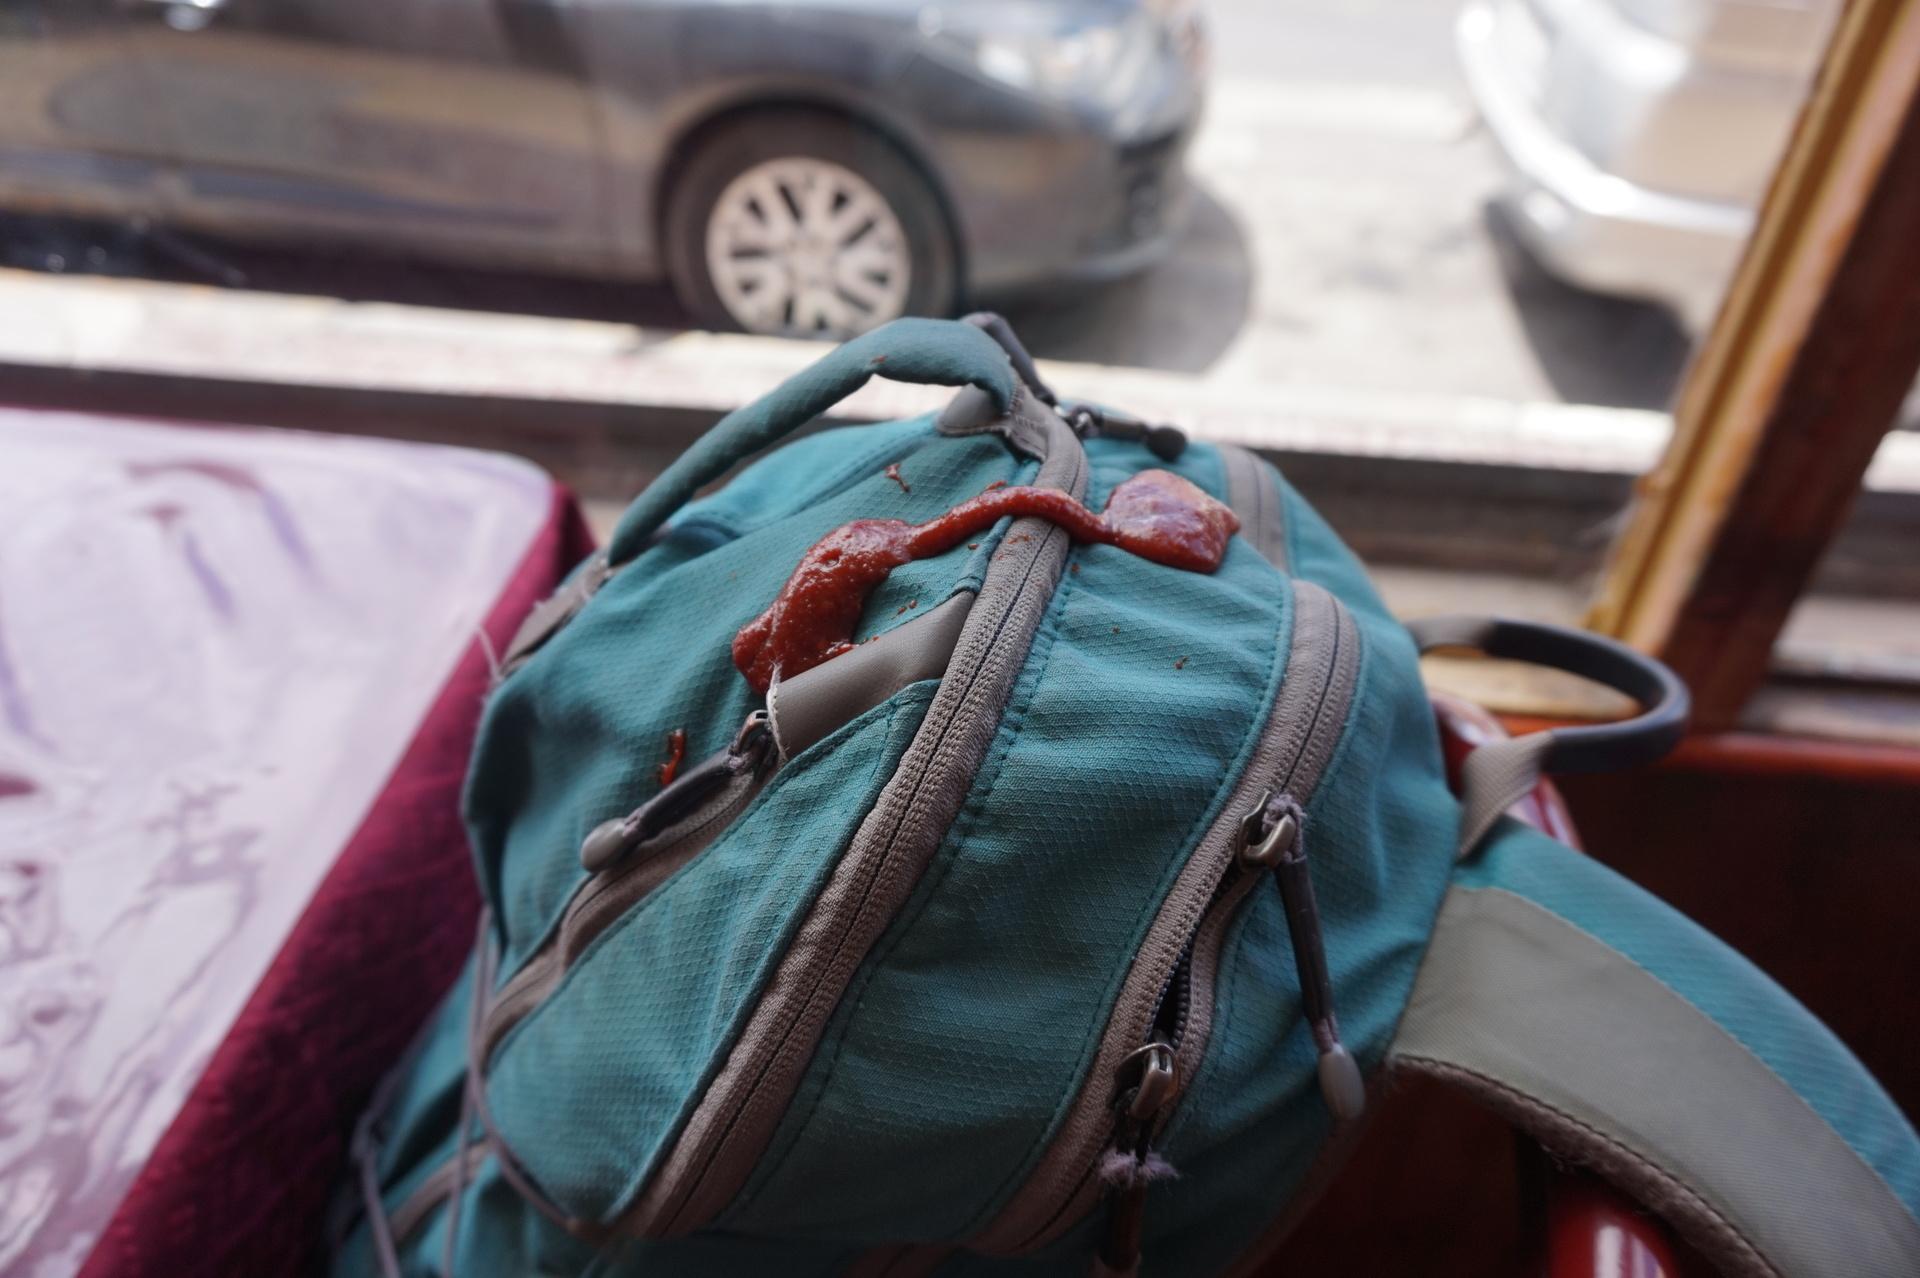 チリ ボリビア ウユニ旅行 カラマ サルサ ケチャップ 鞄